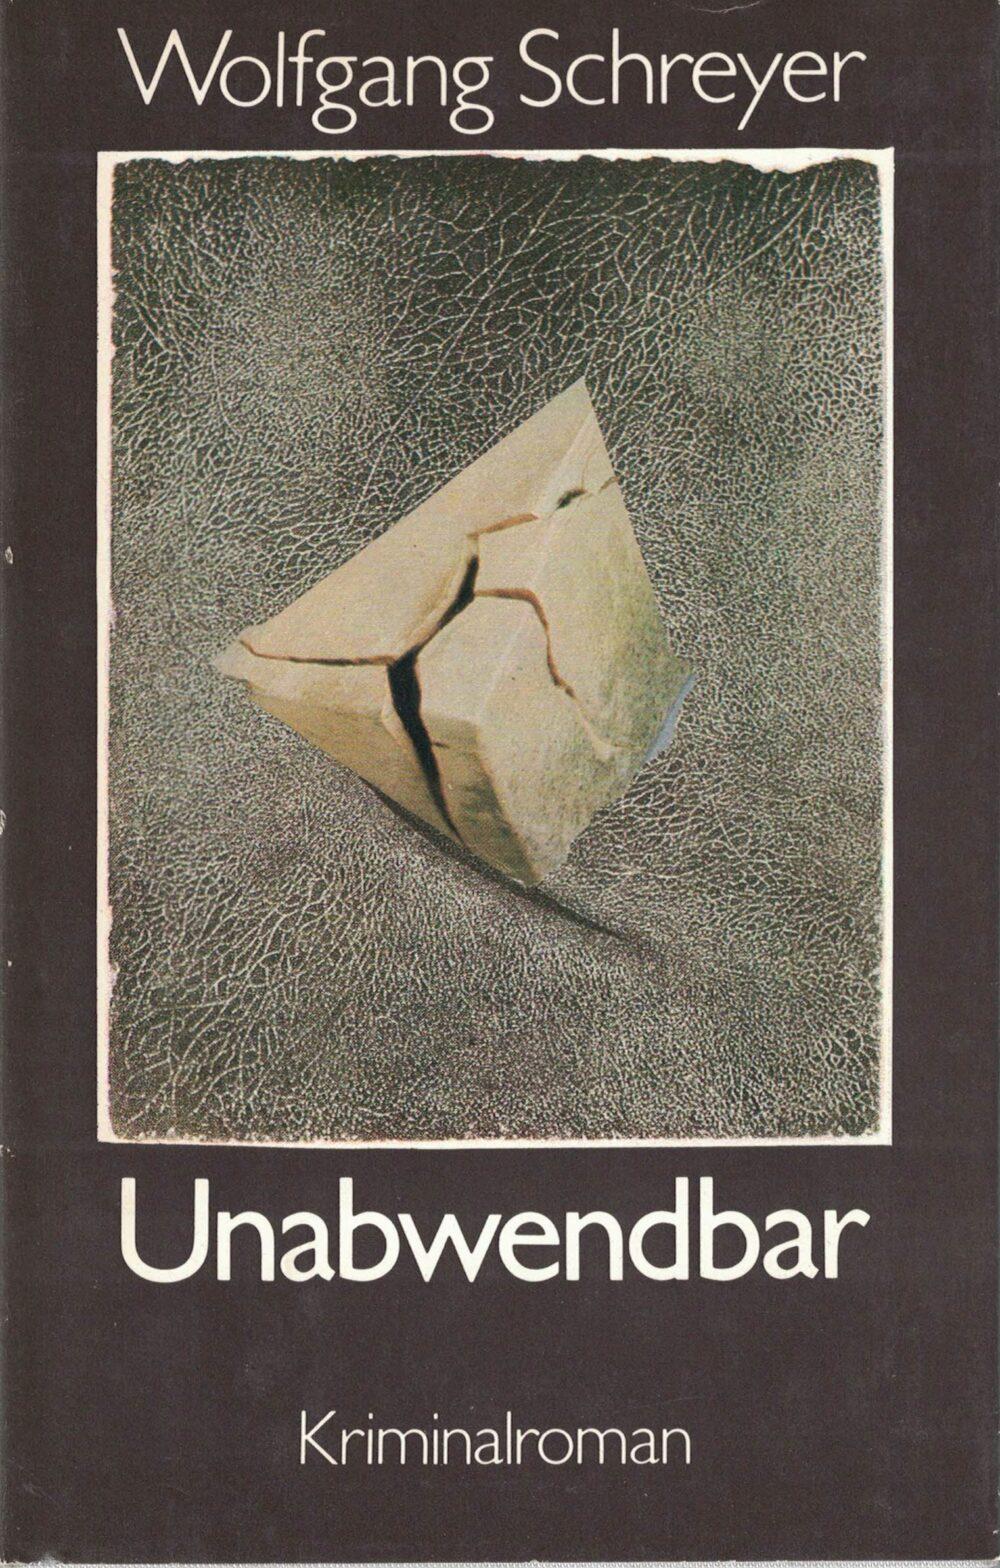 Wolfgang Schreyer - Unabwendbar - Kriminalroman